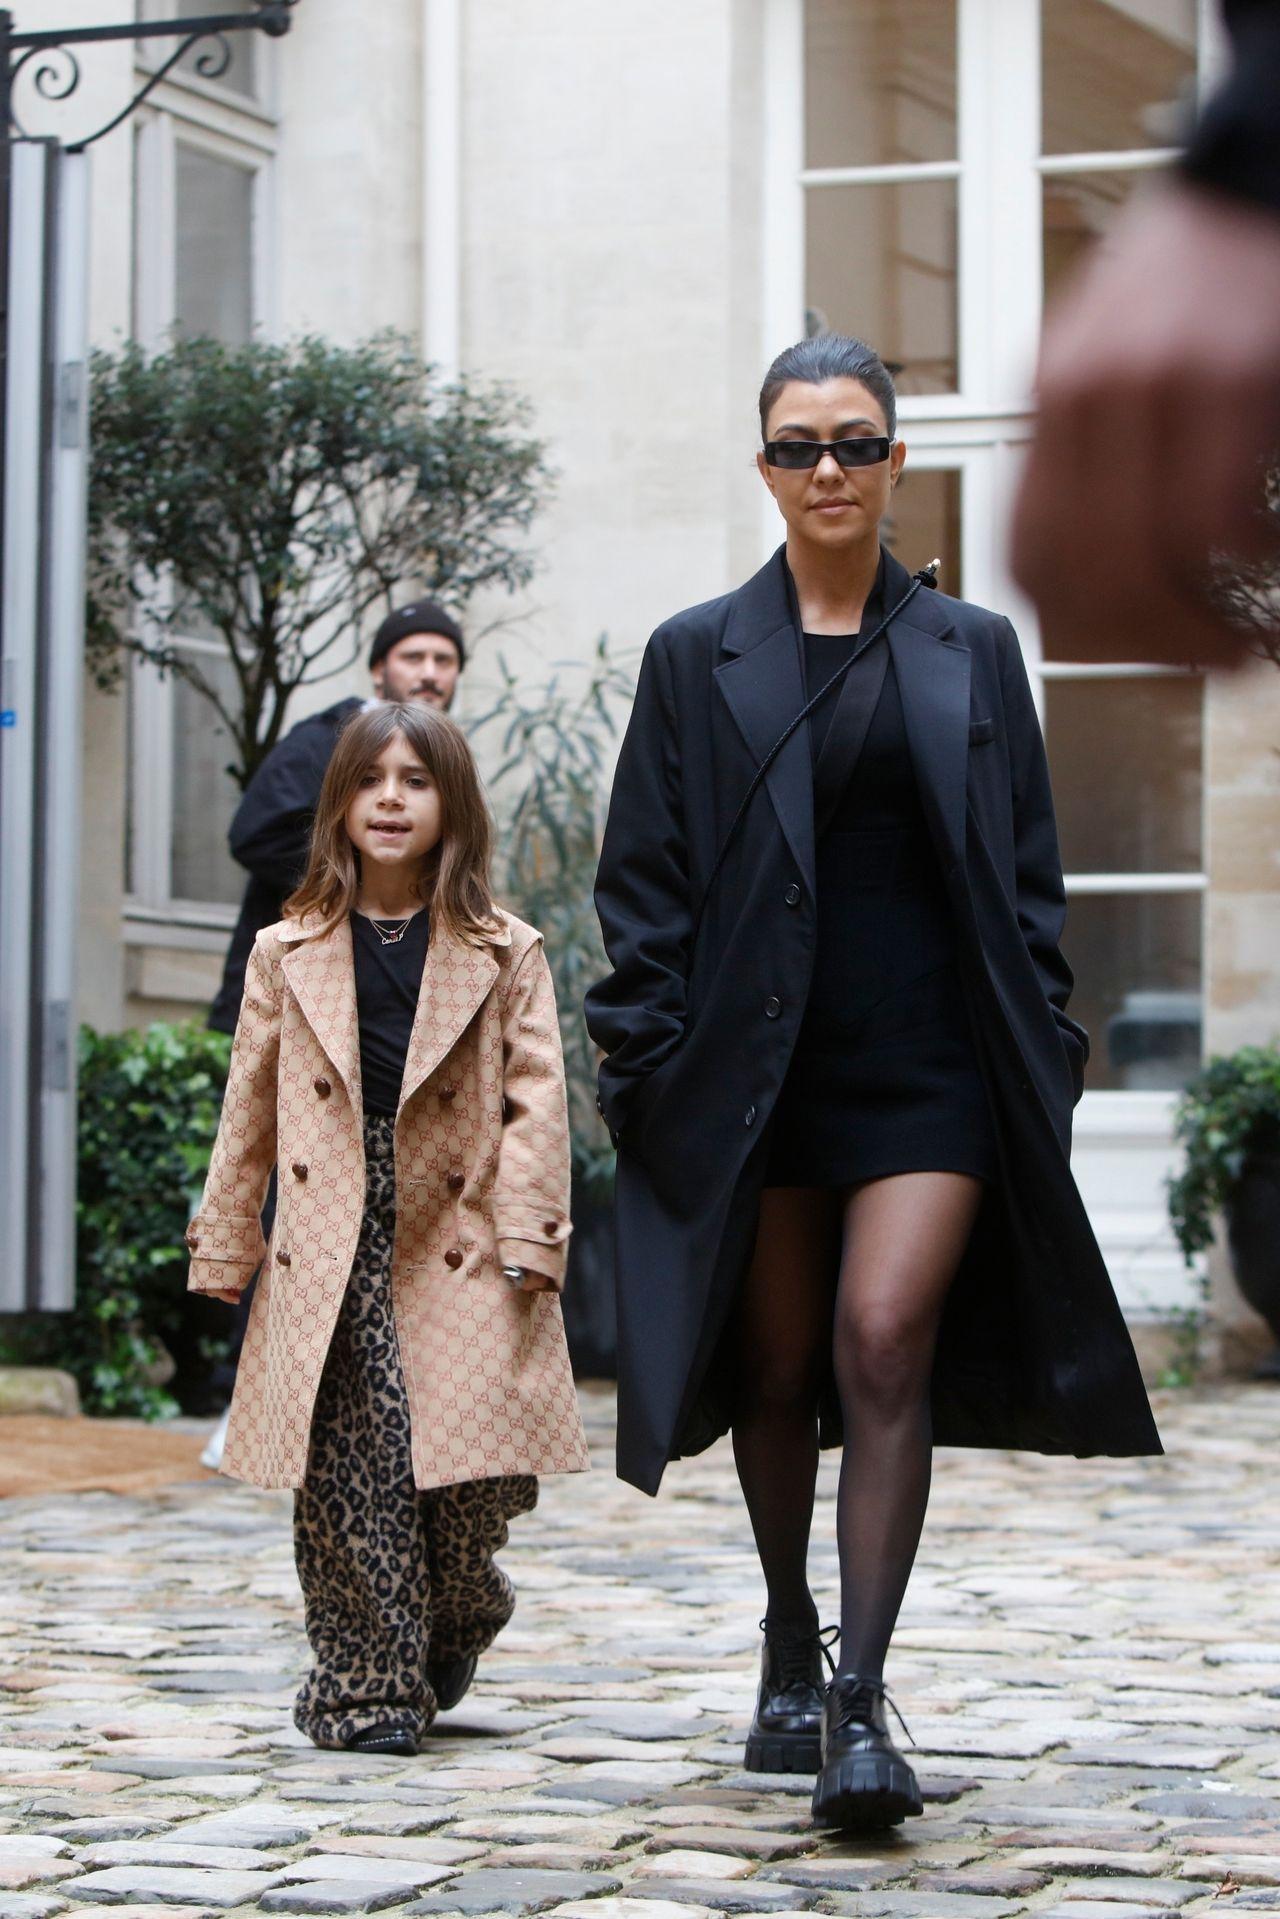 Kim i Kourtney z córkami w Paryżu: North i Penelope to małe influencerki (ZDJĘCIA)